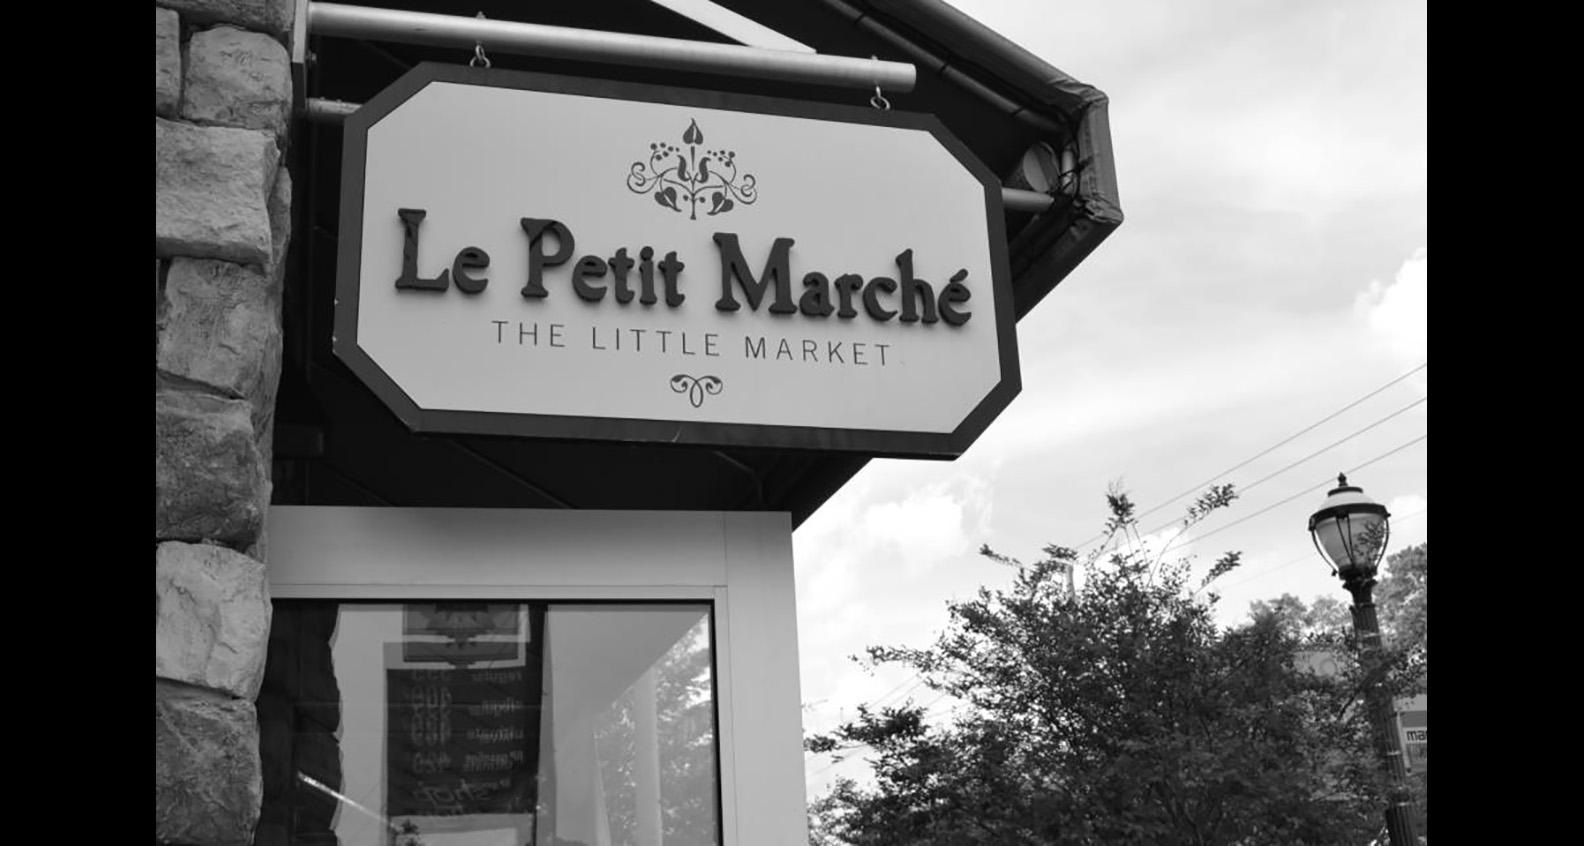 Le Petit Marché